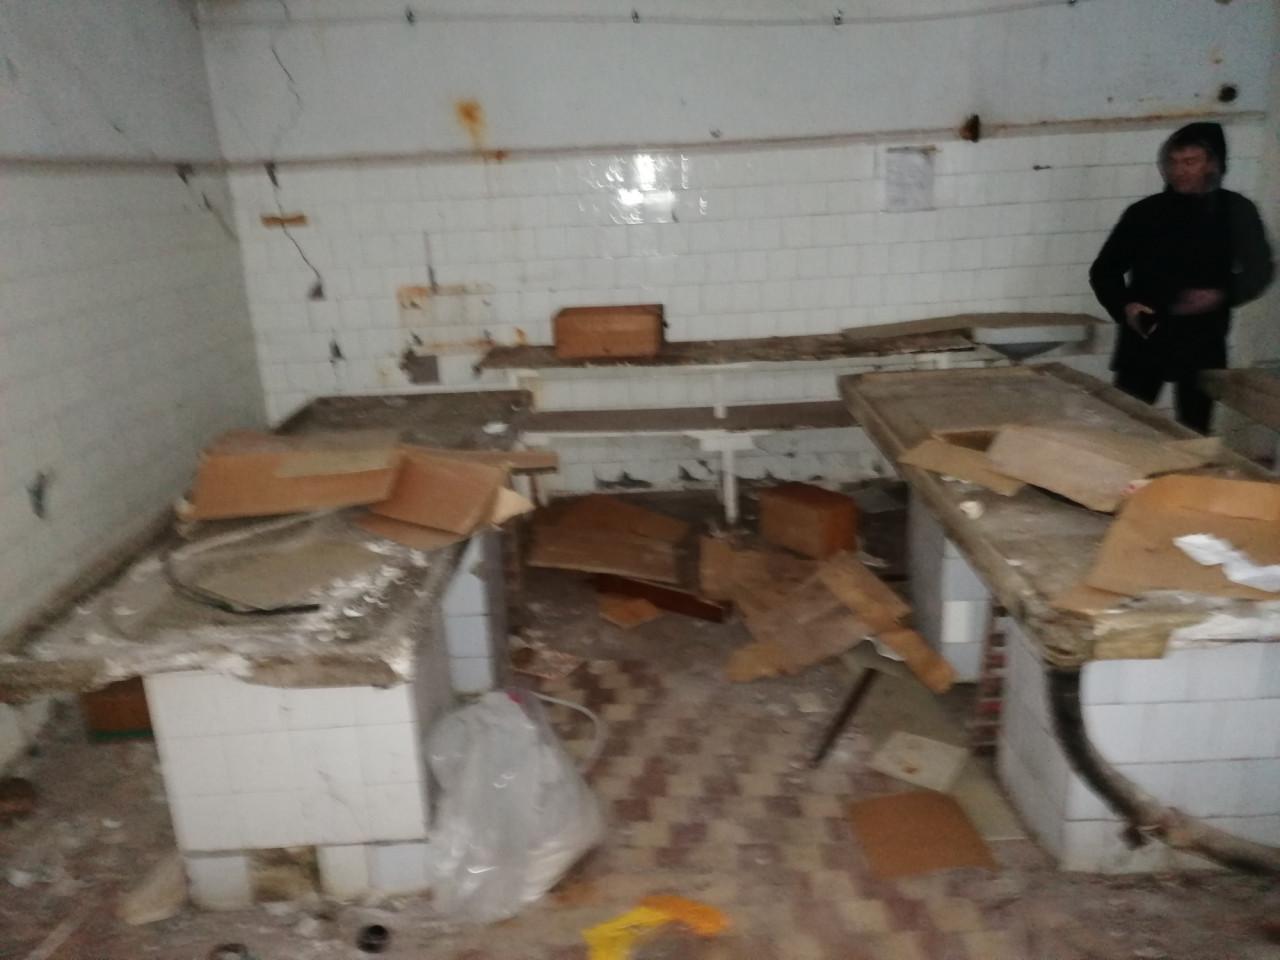 Брезниковская прокуратура закончила проверку 13-го корпуса городской больницы